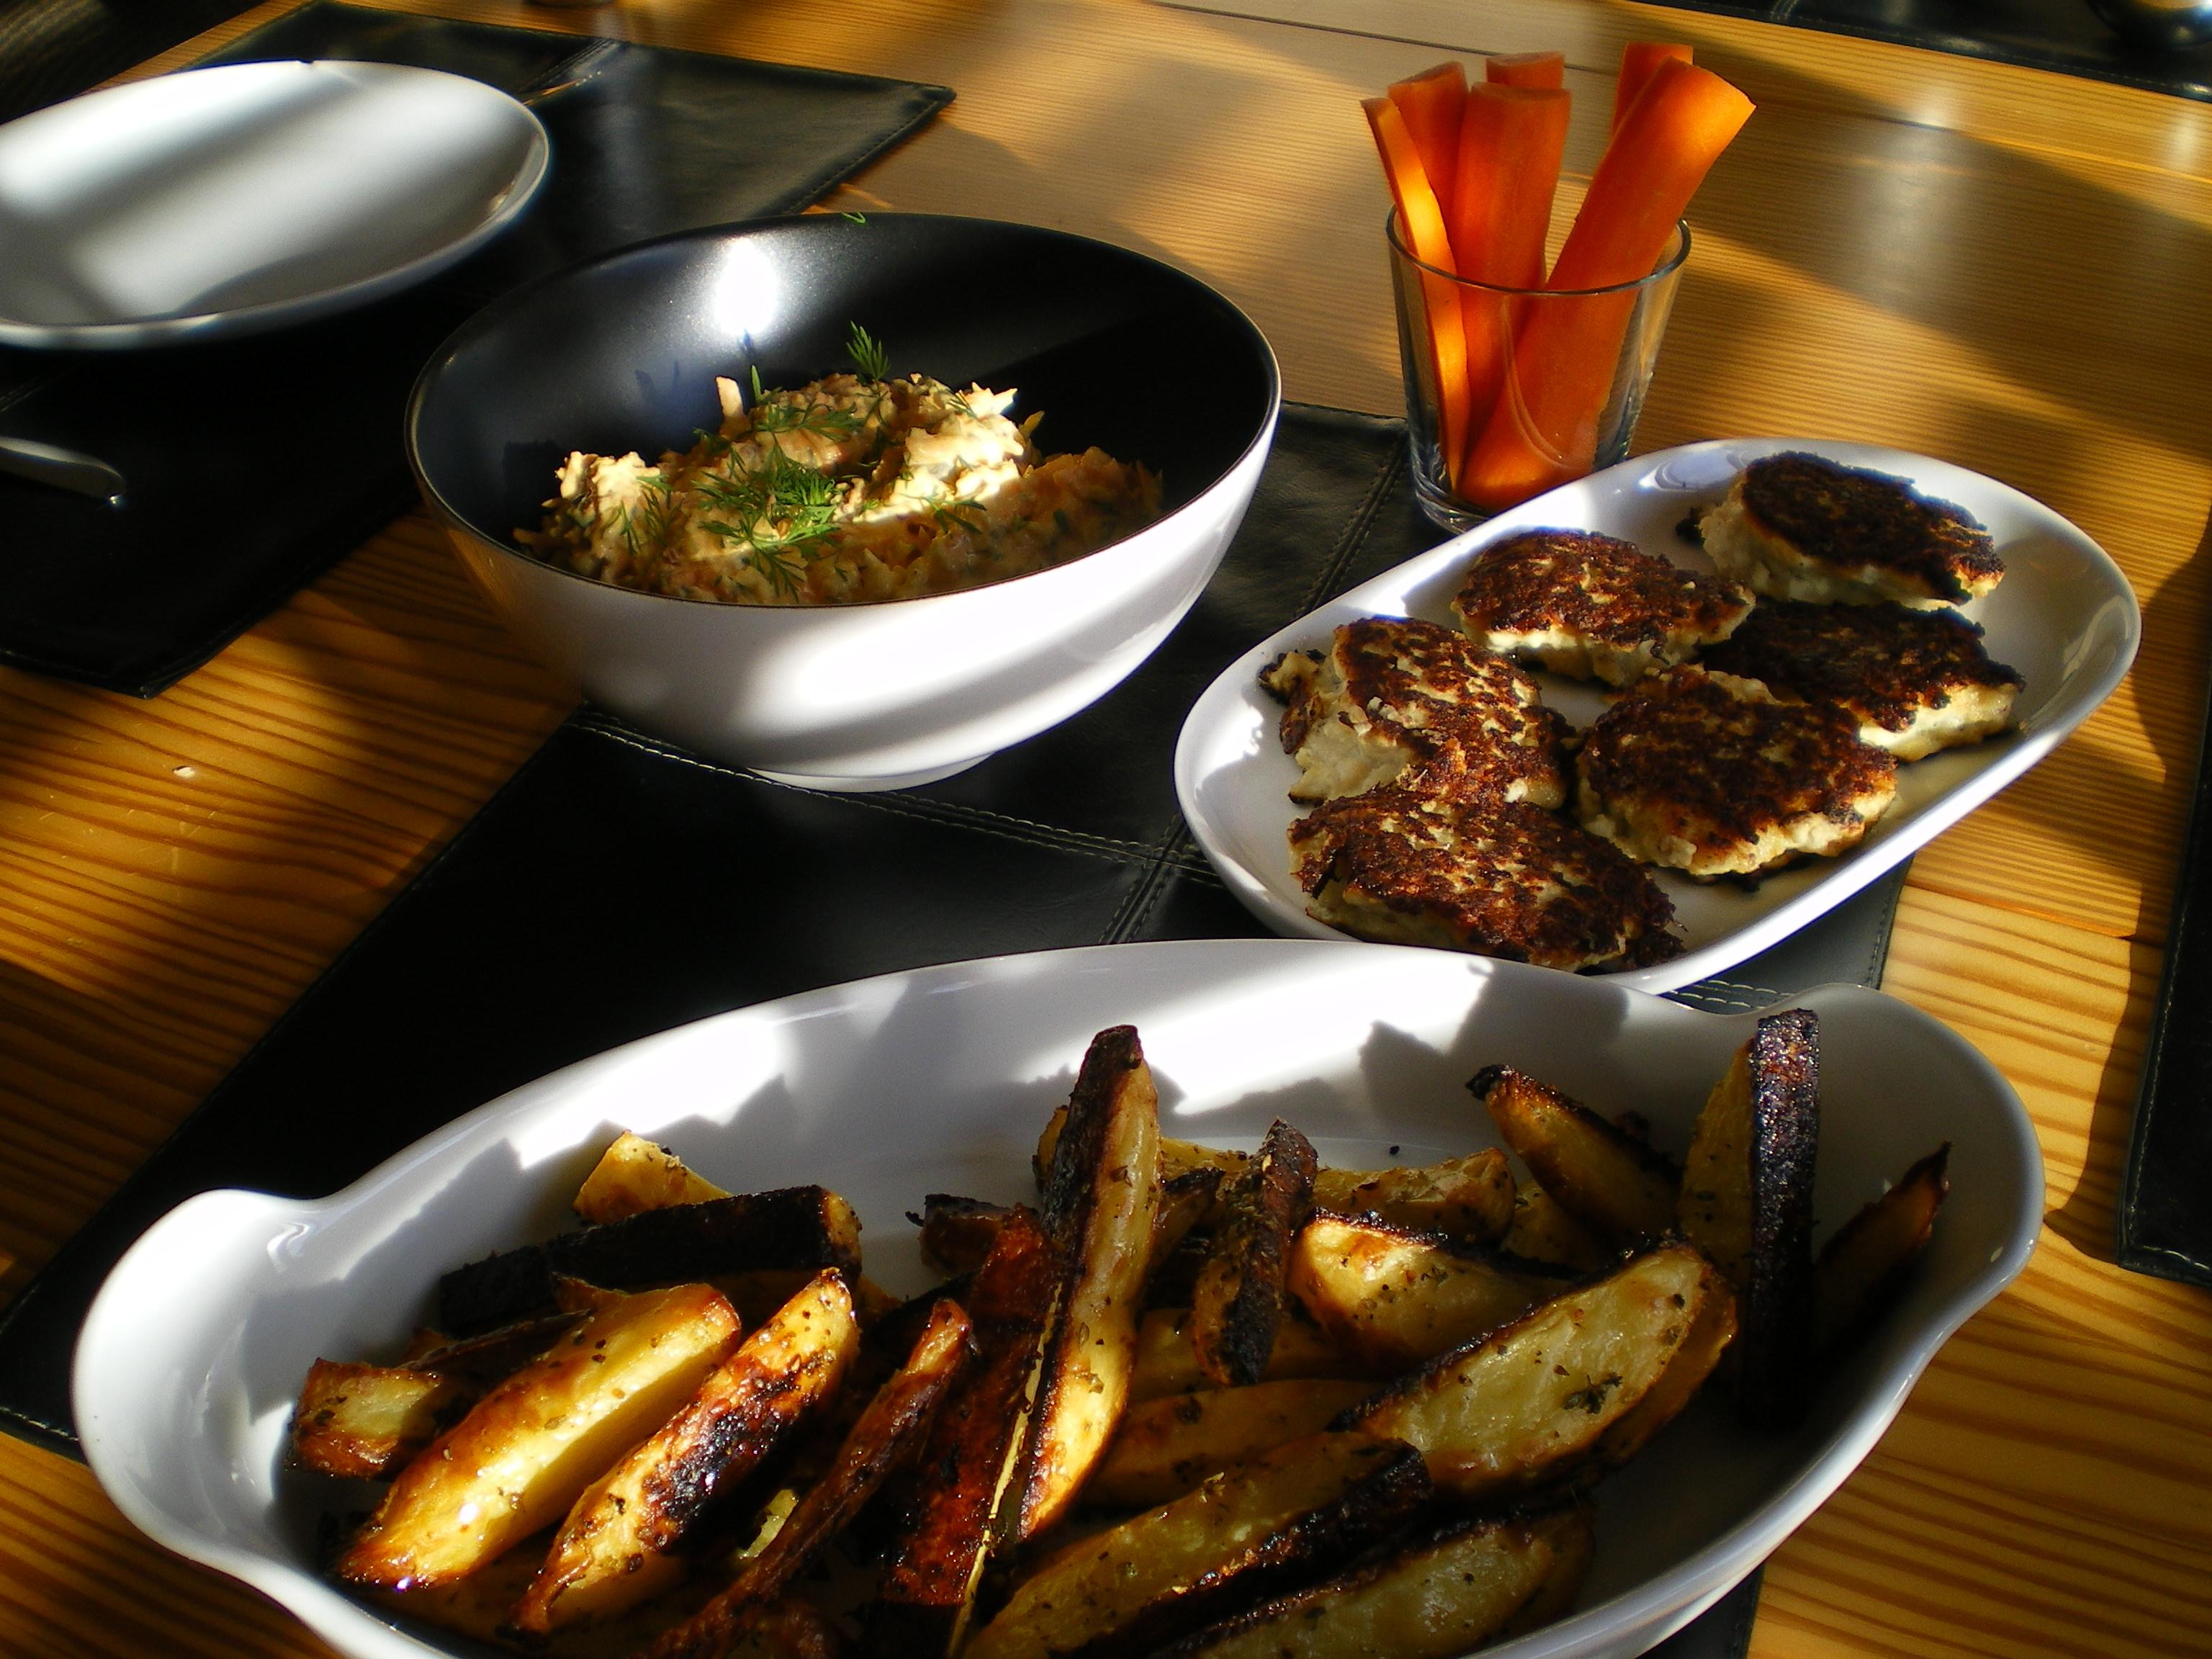 Fiskefrikadeller med ovnkartofler og sprød krydderurteremoulade